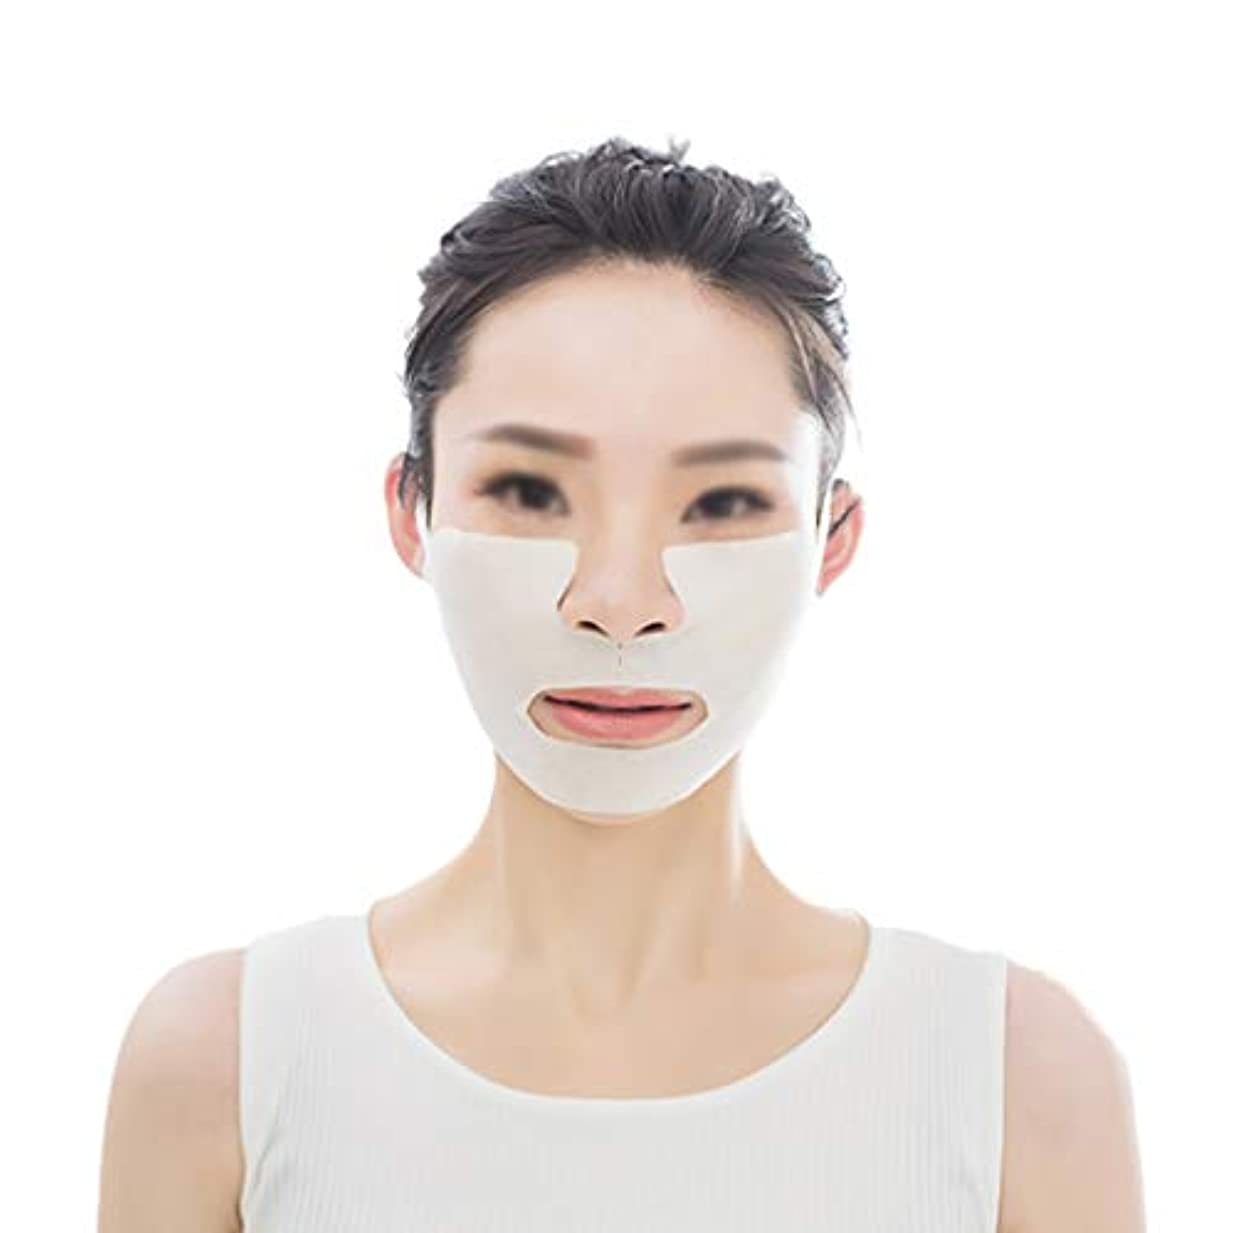 用心入り口減らすXHLMRMJ フェイシャルスリミング、薄いフェイスマスク、下顎咬筋のあごを改善してフェイシャルラインを形成する、5箱、フェイスマスクの3箱